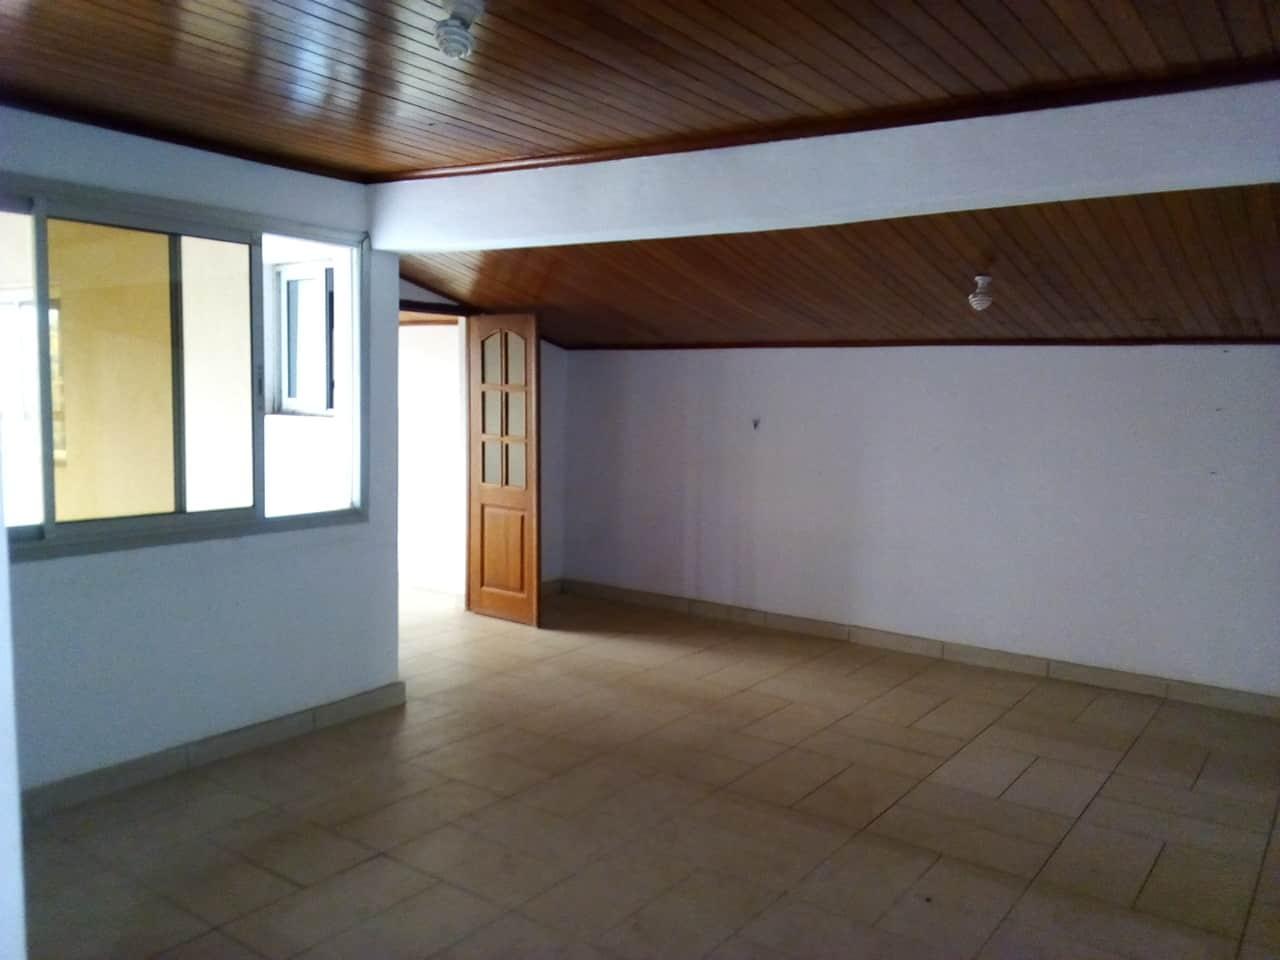 Appartement à louer - Yaoundé, Mfandena, avenue foe - 1 salon(s), 3 chambre(s), 3 salle(s) de bains - 250 000 FCFA / mois